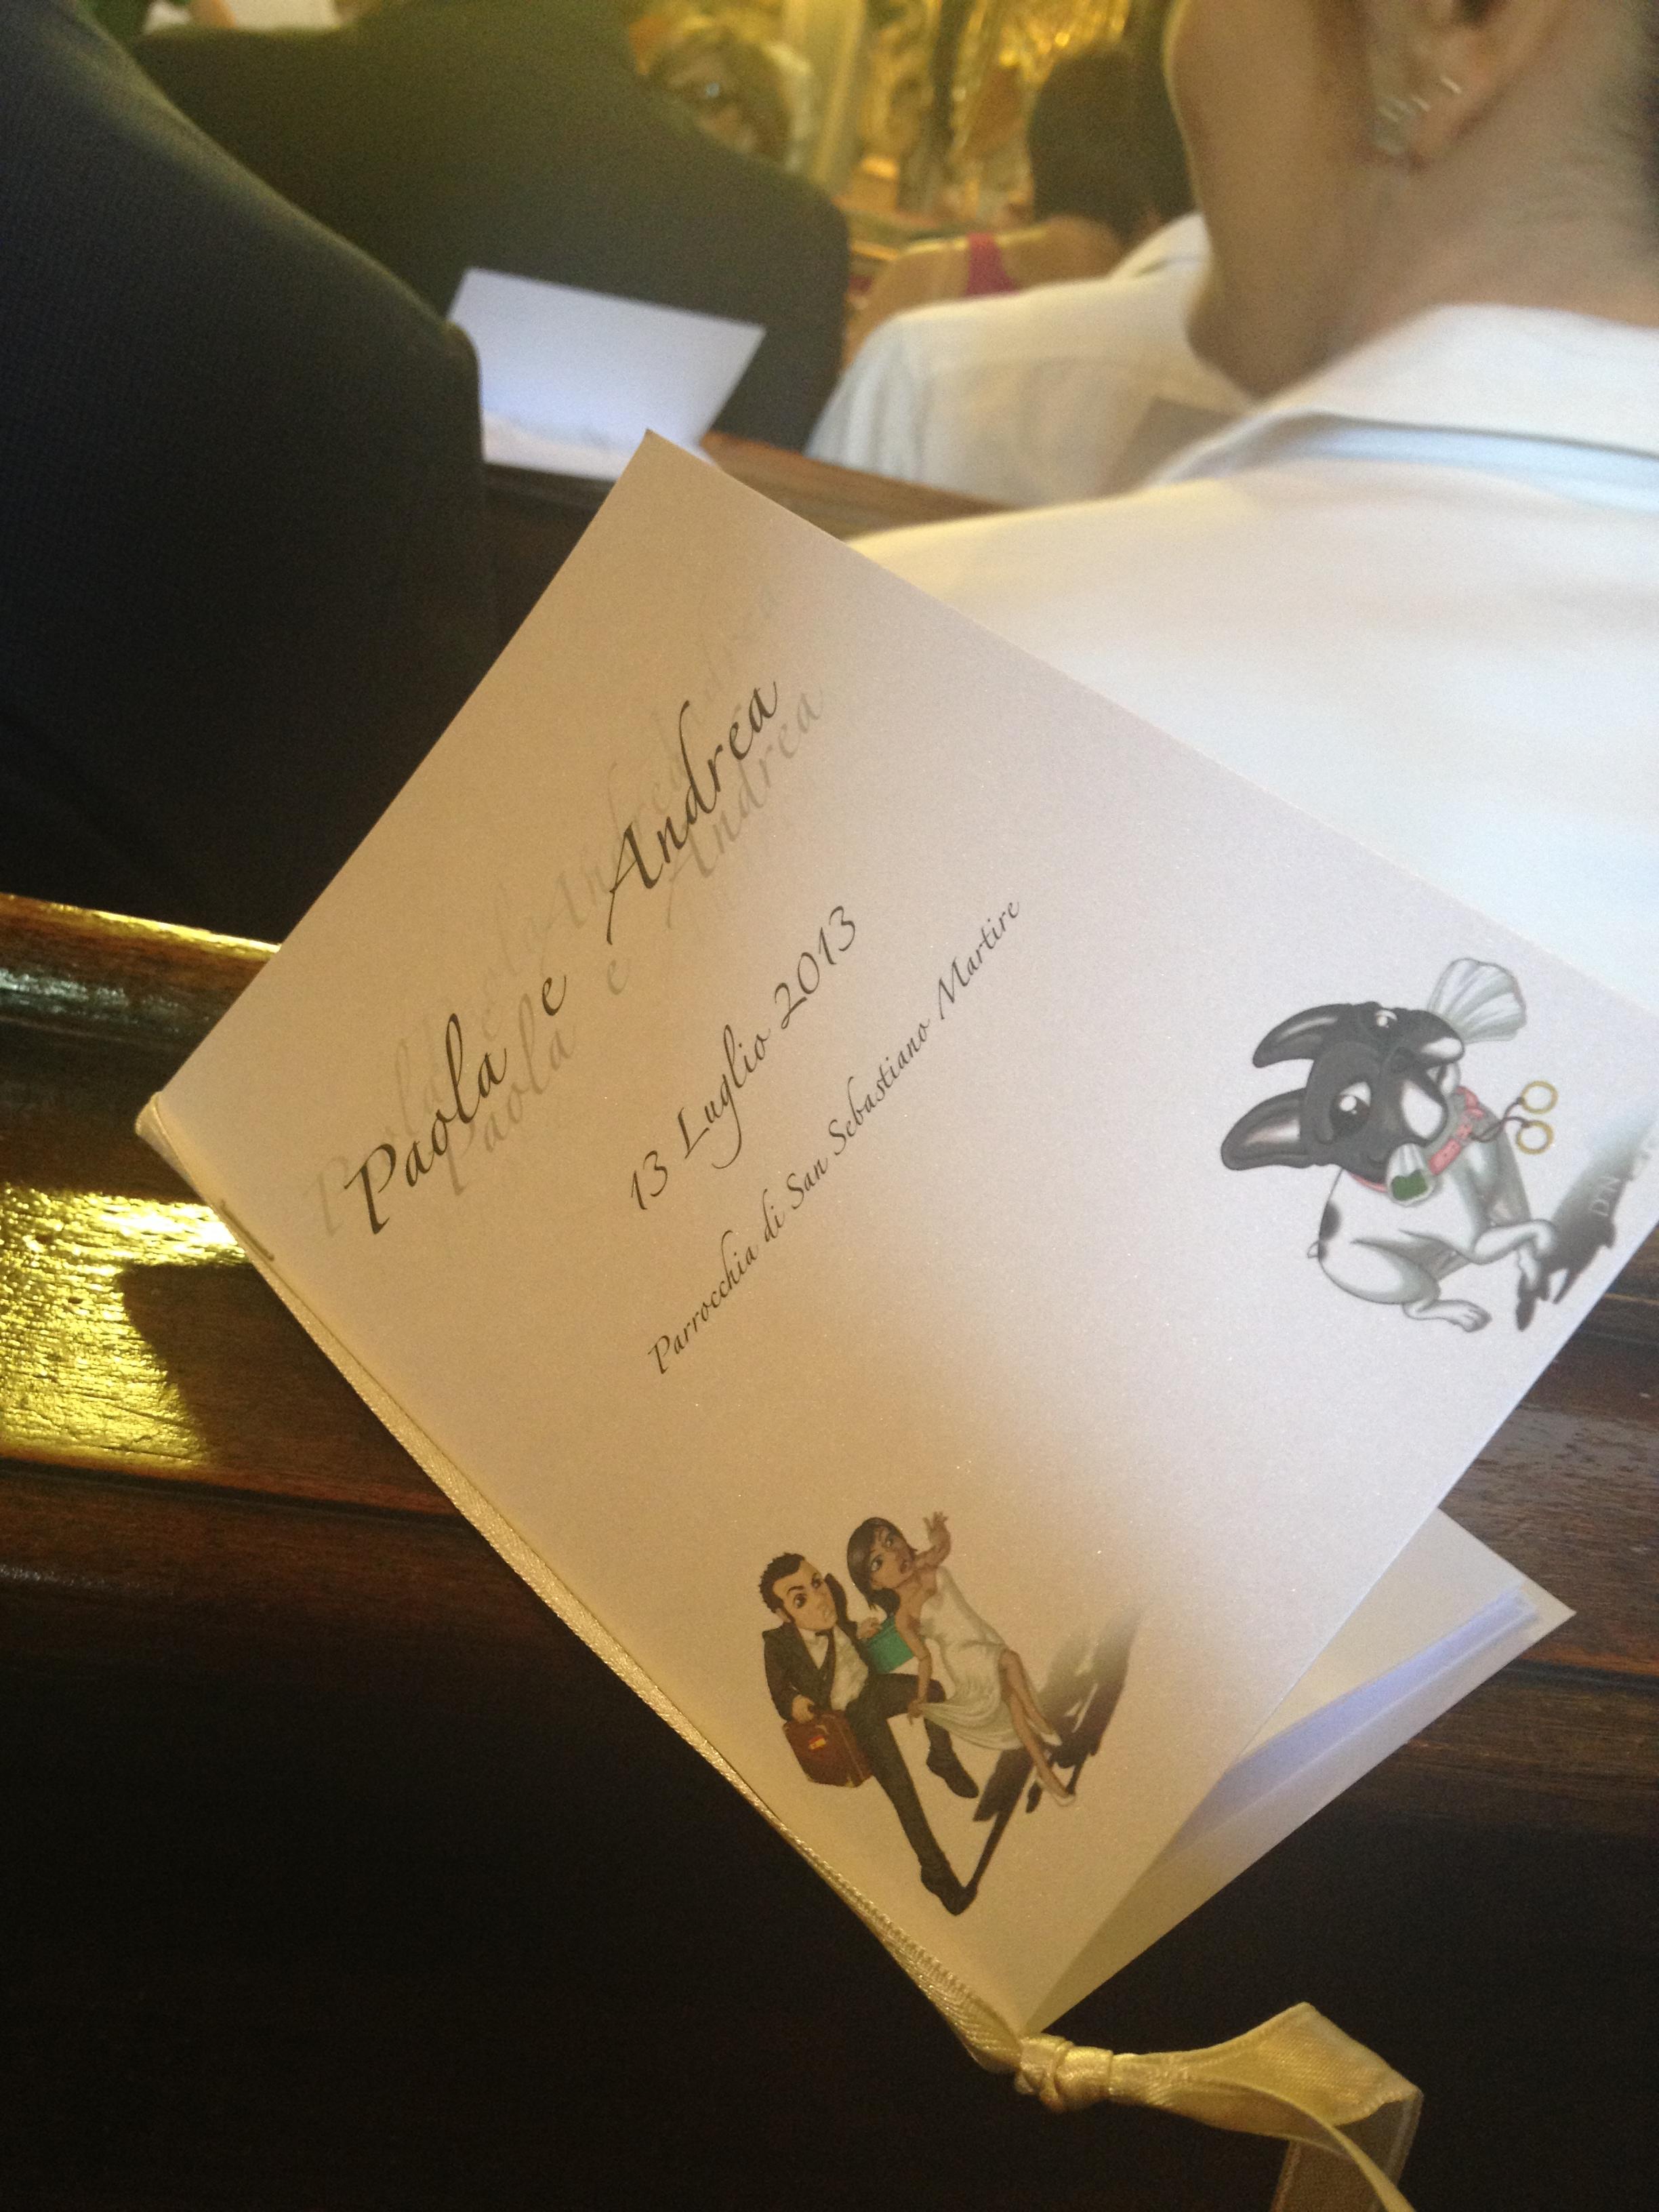 Auguri Matrimonio Bellissimi : Menù matrimonio dario noli art